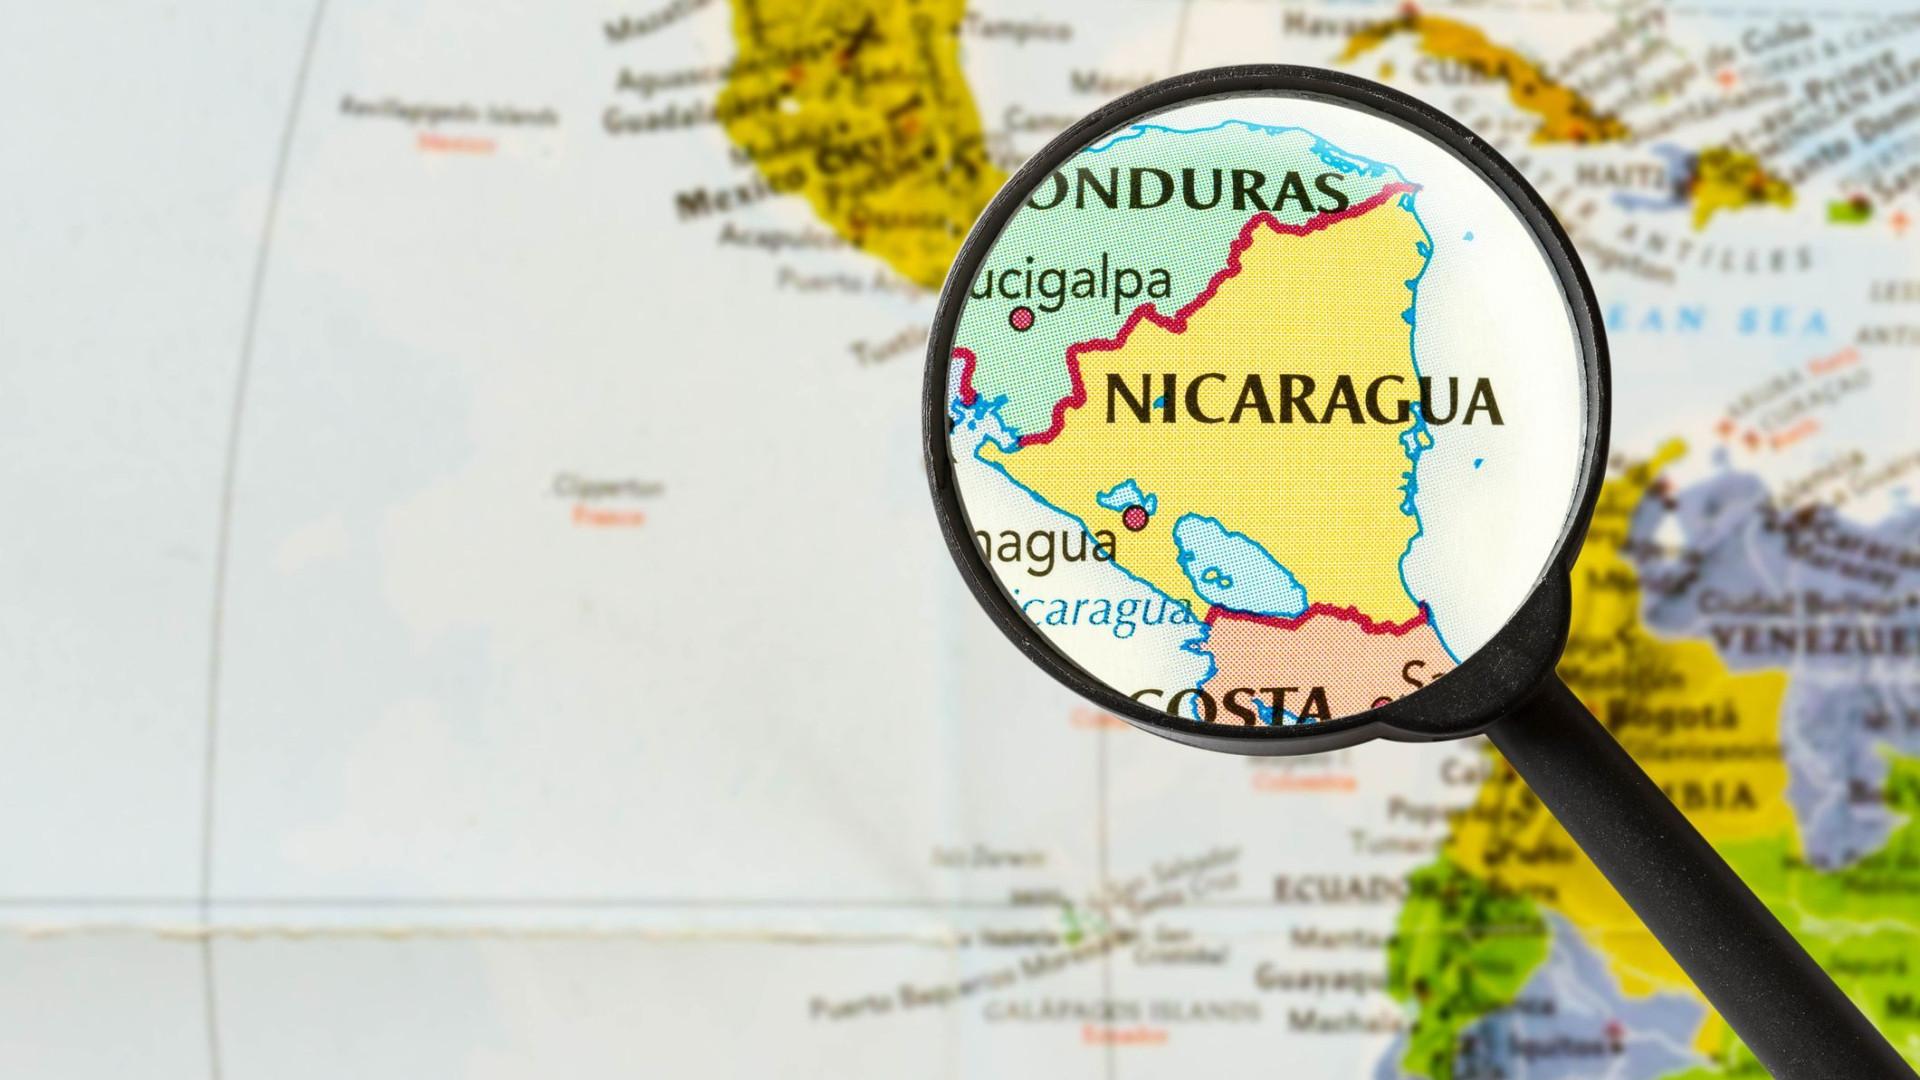 Cinco mortos em ataques das forças da ordem na Nicarágua